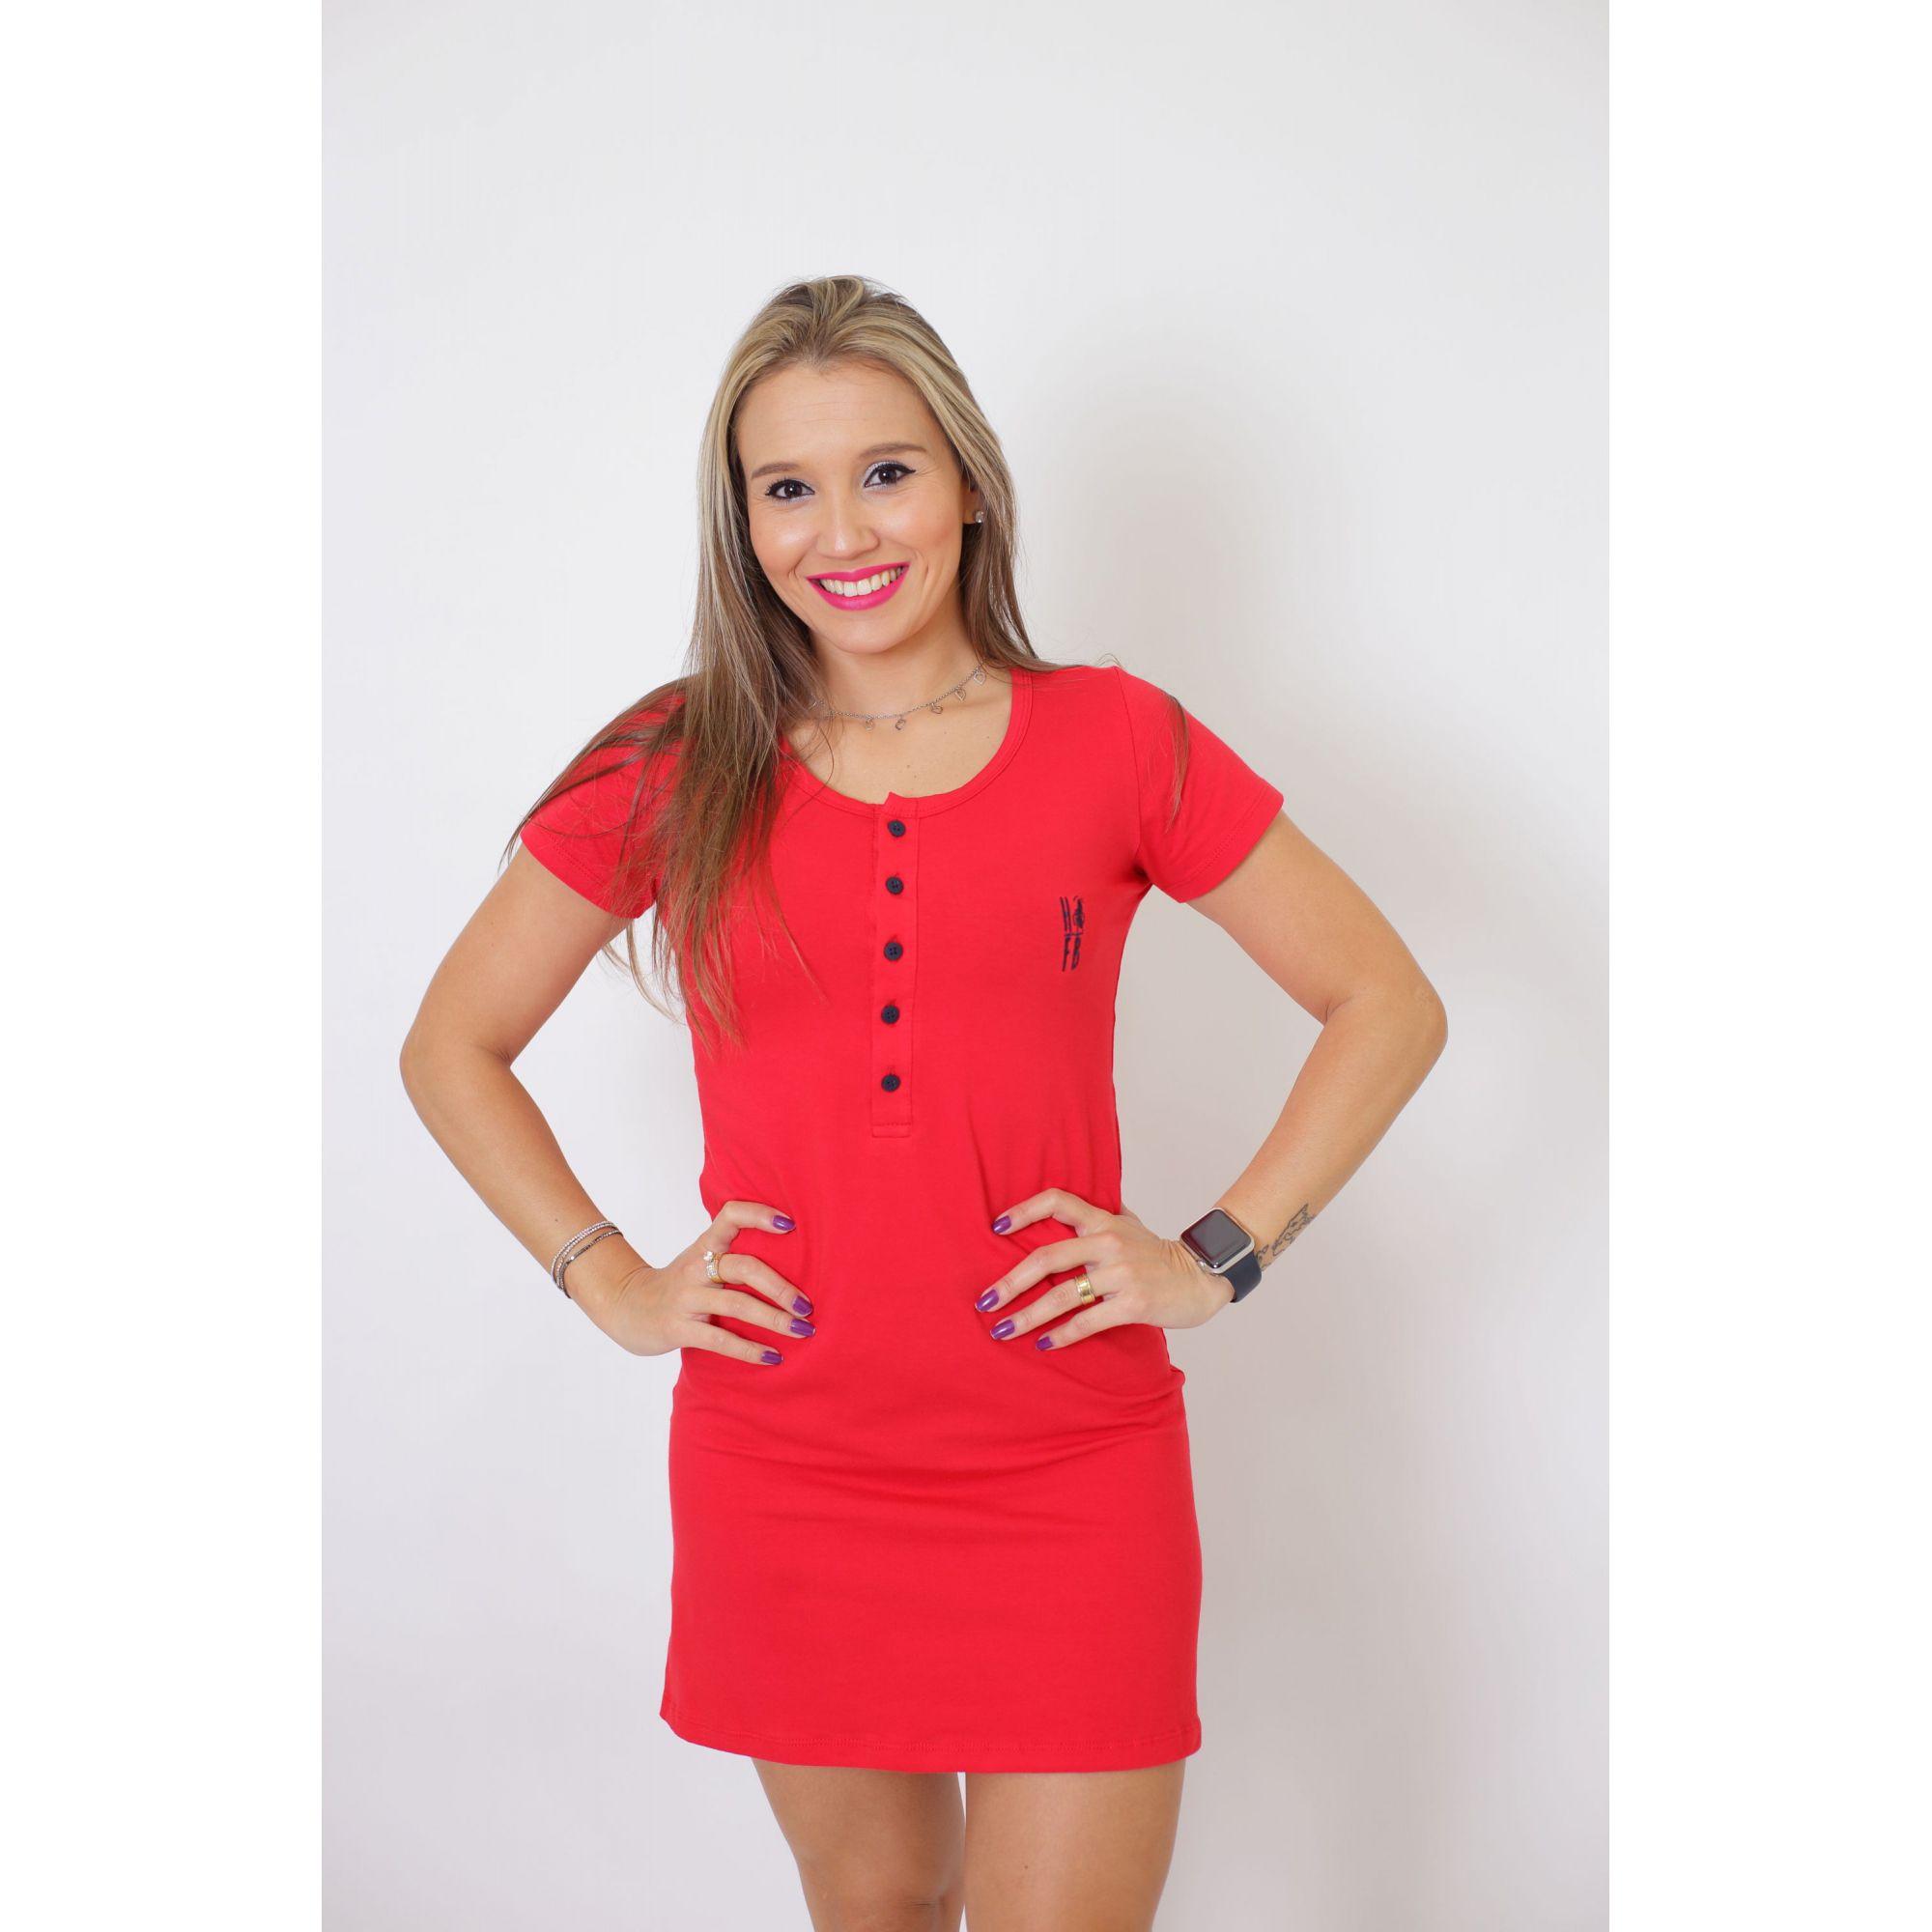 PAIS E FILHA > Kit 3 Peças - T-Shirt + Vestidos Henley - Vermelho [Coleção Família]  - Heitor Fashion Brazil